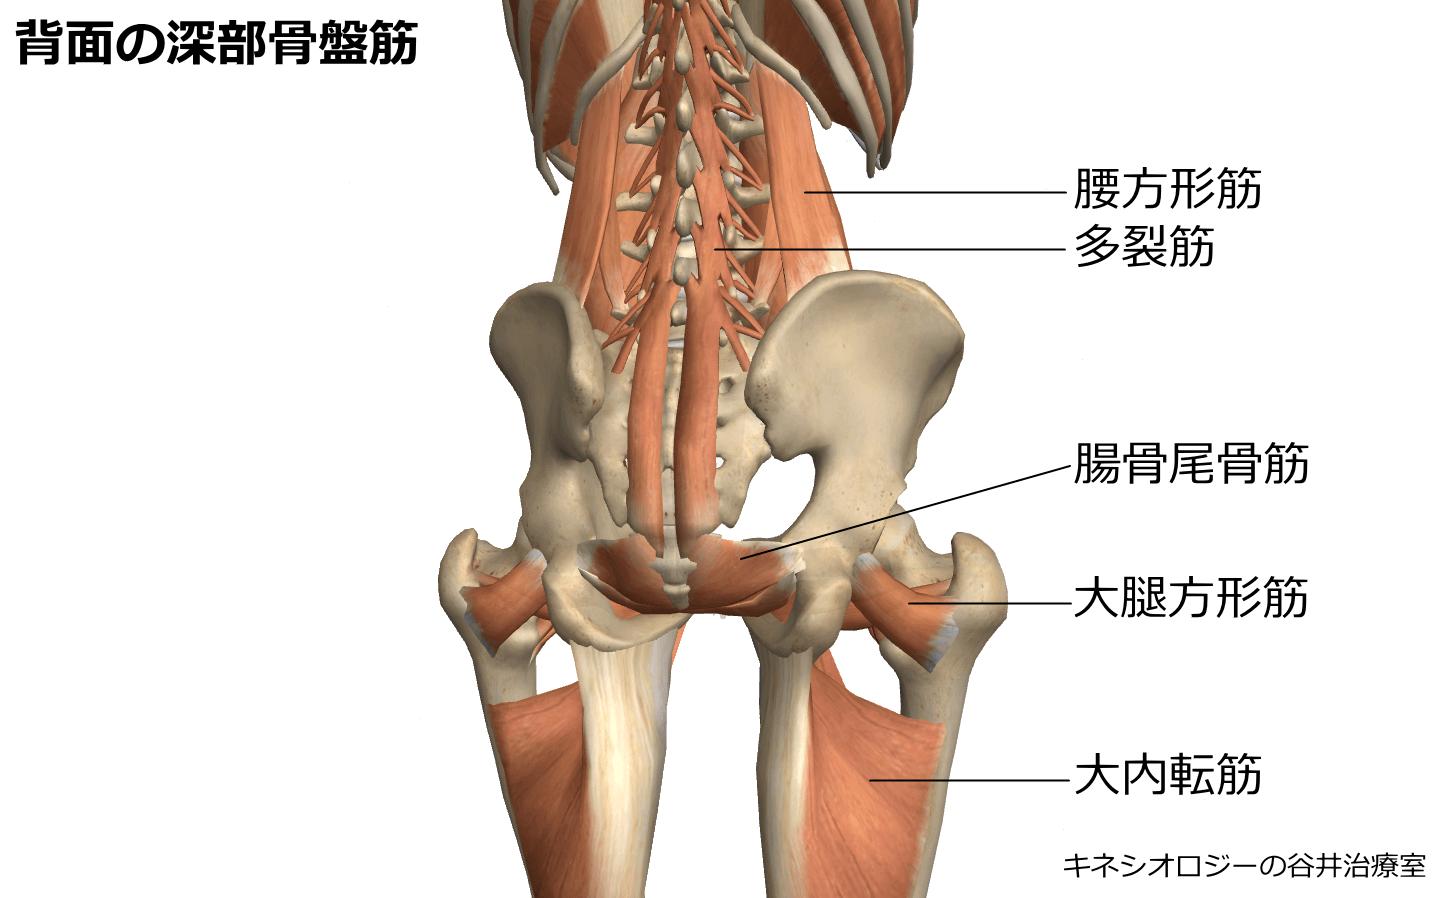 背面の深部骨盤筋